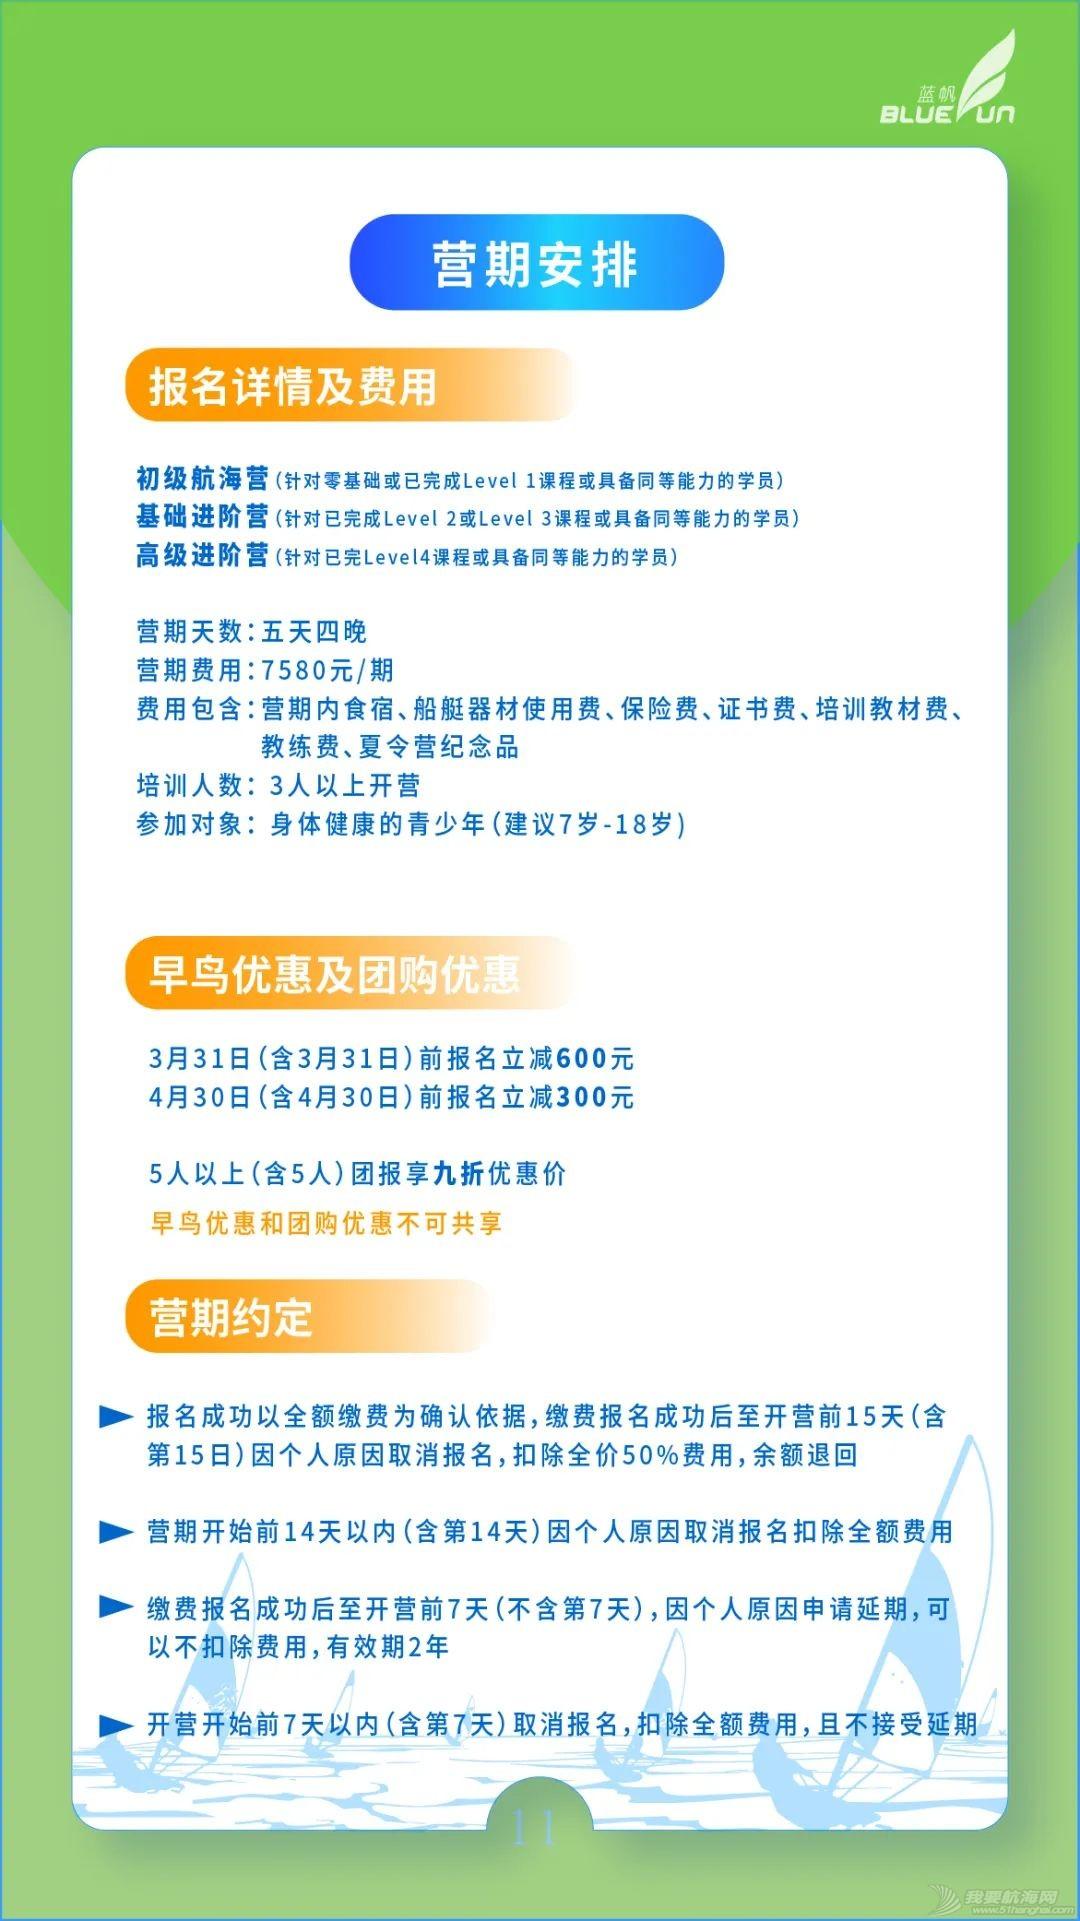 2021帆船夏令营之华南篇|中帆协小帆船认证培训中心营业啦②w30.jpg